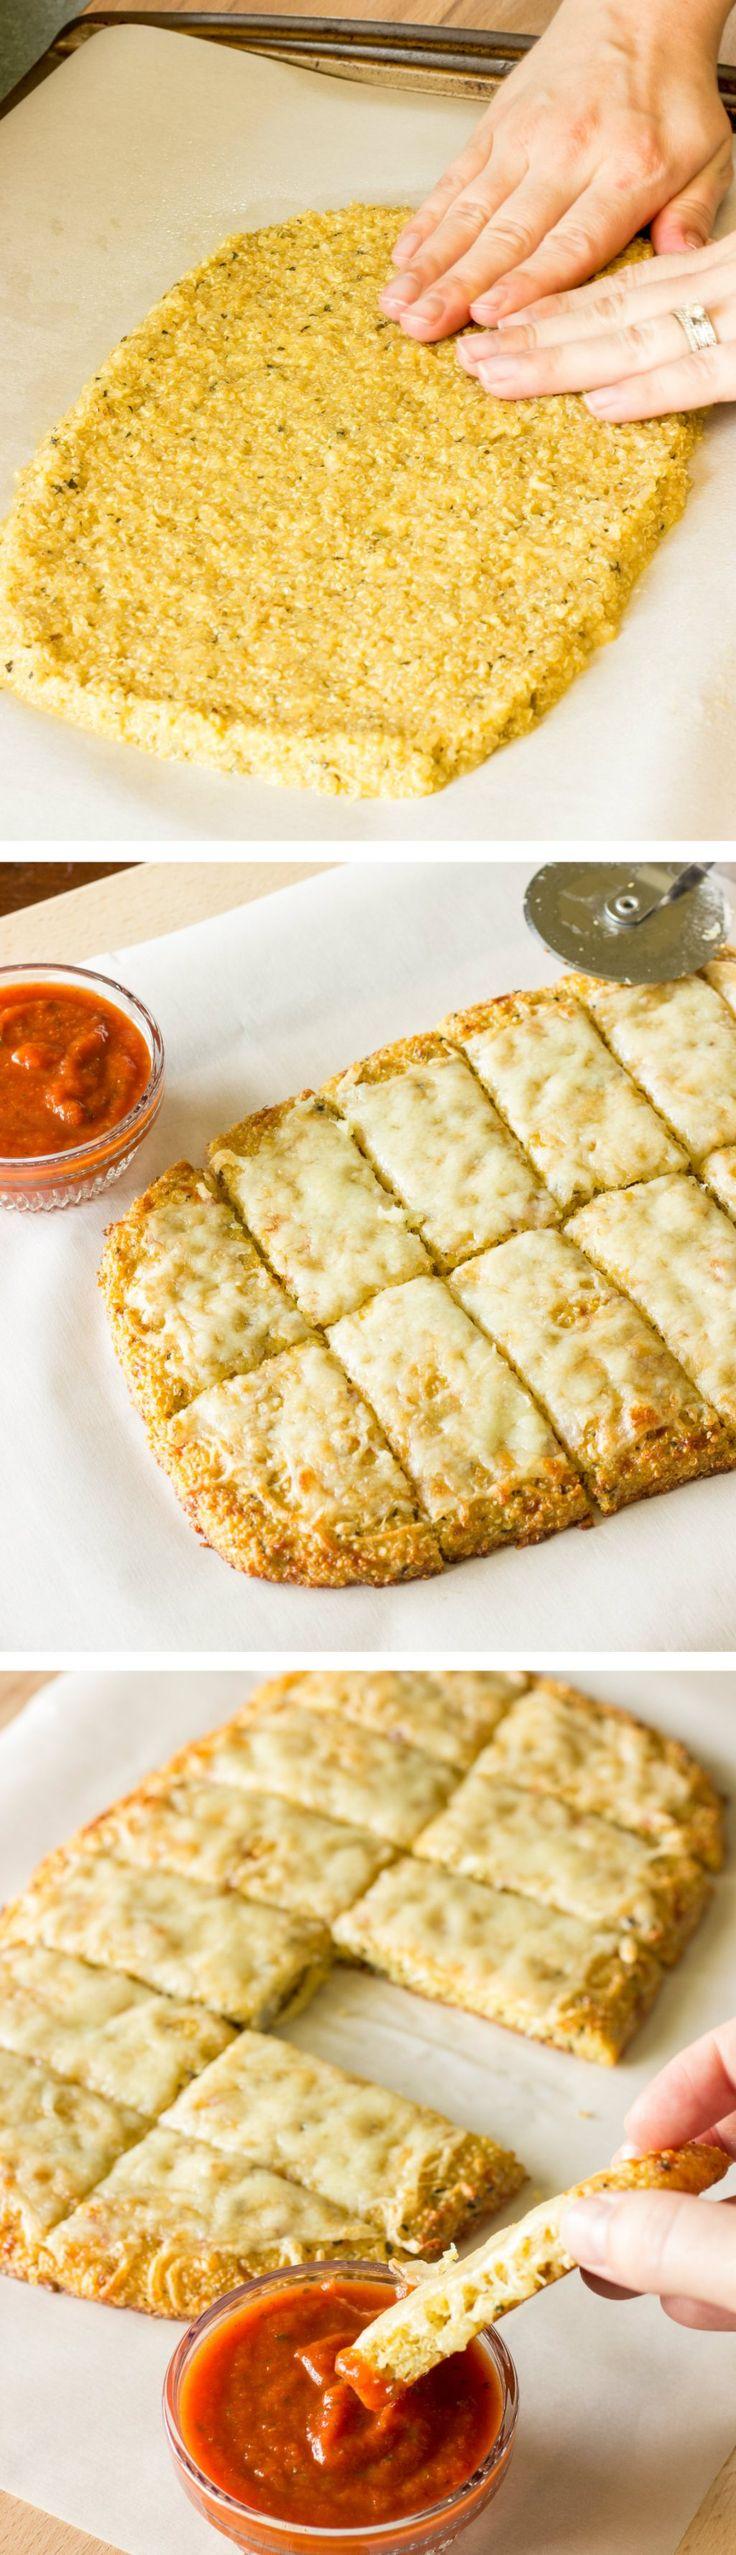 Quinoa Crust for Pizza or Cheesy Garlic 'Bread' - The Wholesome Dish                                                                                                                                                                                 More